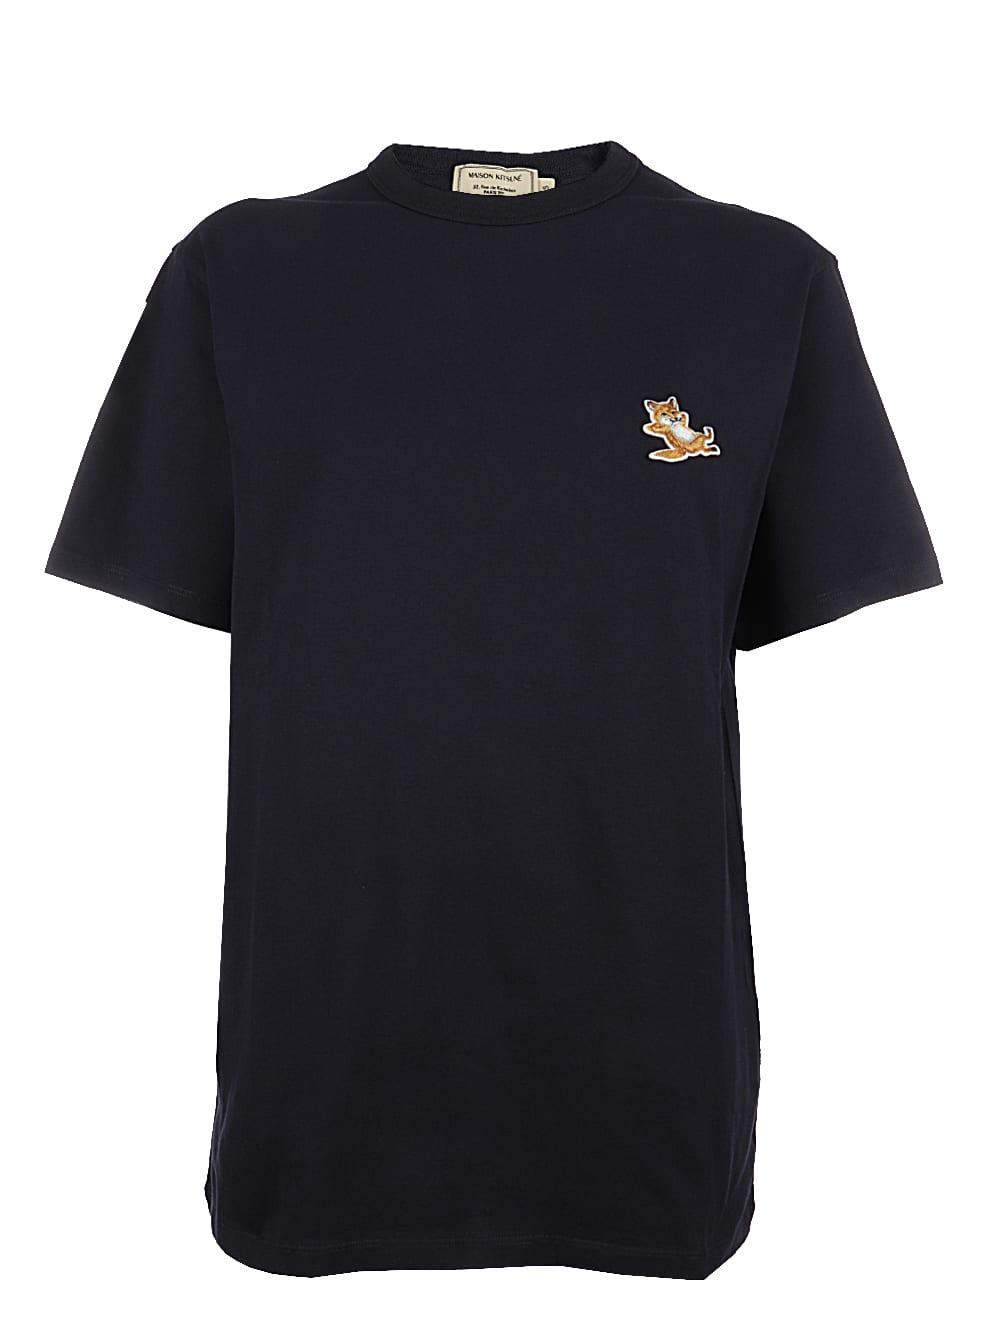 Maison Kitsuné T-shirts CHILLAX FOX PATCH CLASSIC TEE-SHIRT